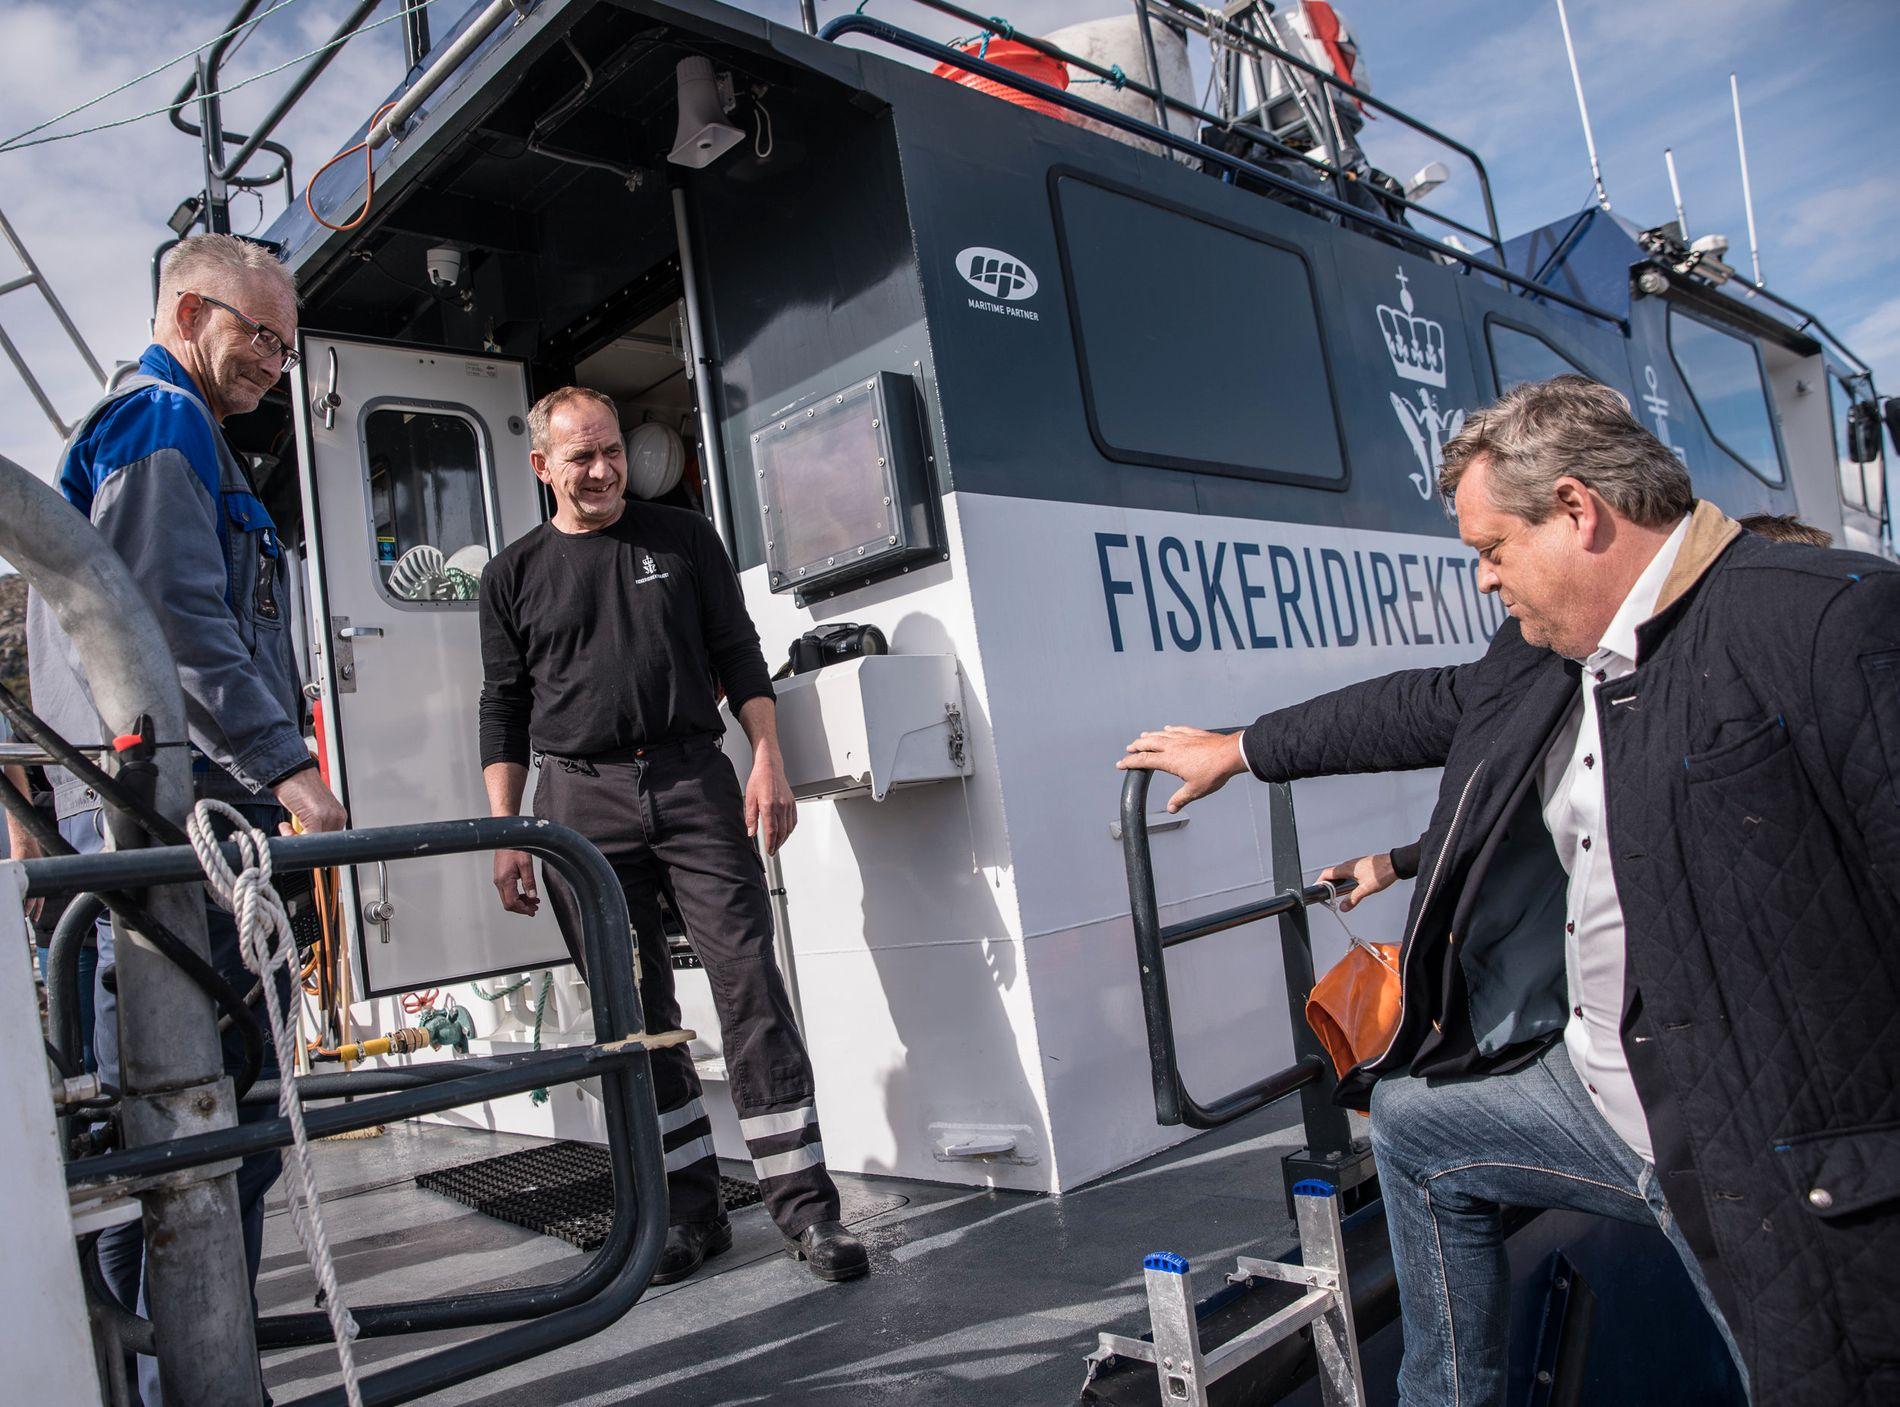 VURDERER ALGE-TILTAK: Fiskeriminister Harald Tom Nesvik (Frp) på vei om bord i Fiskeridirektoratets vaktfartøy «Rind».